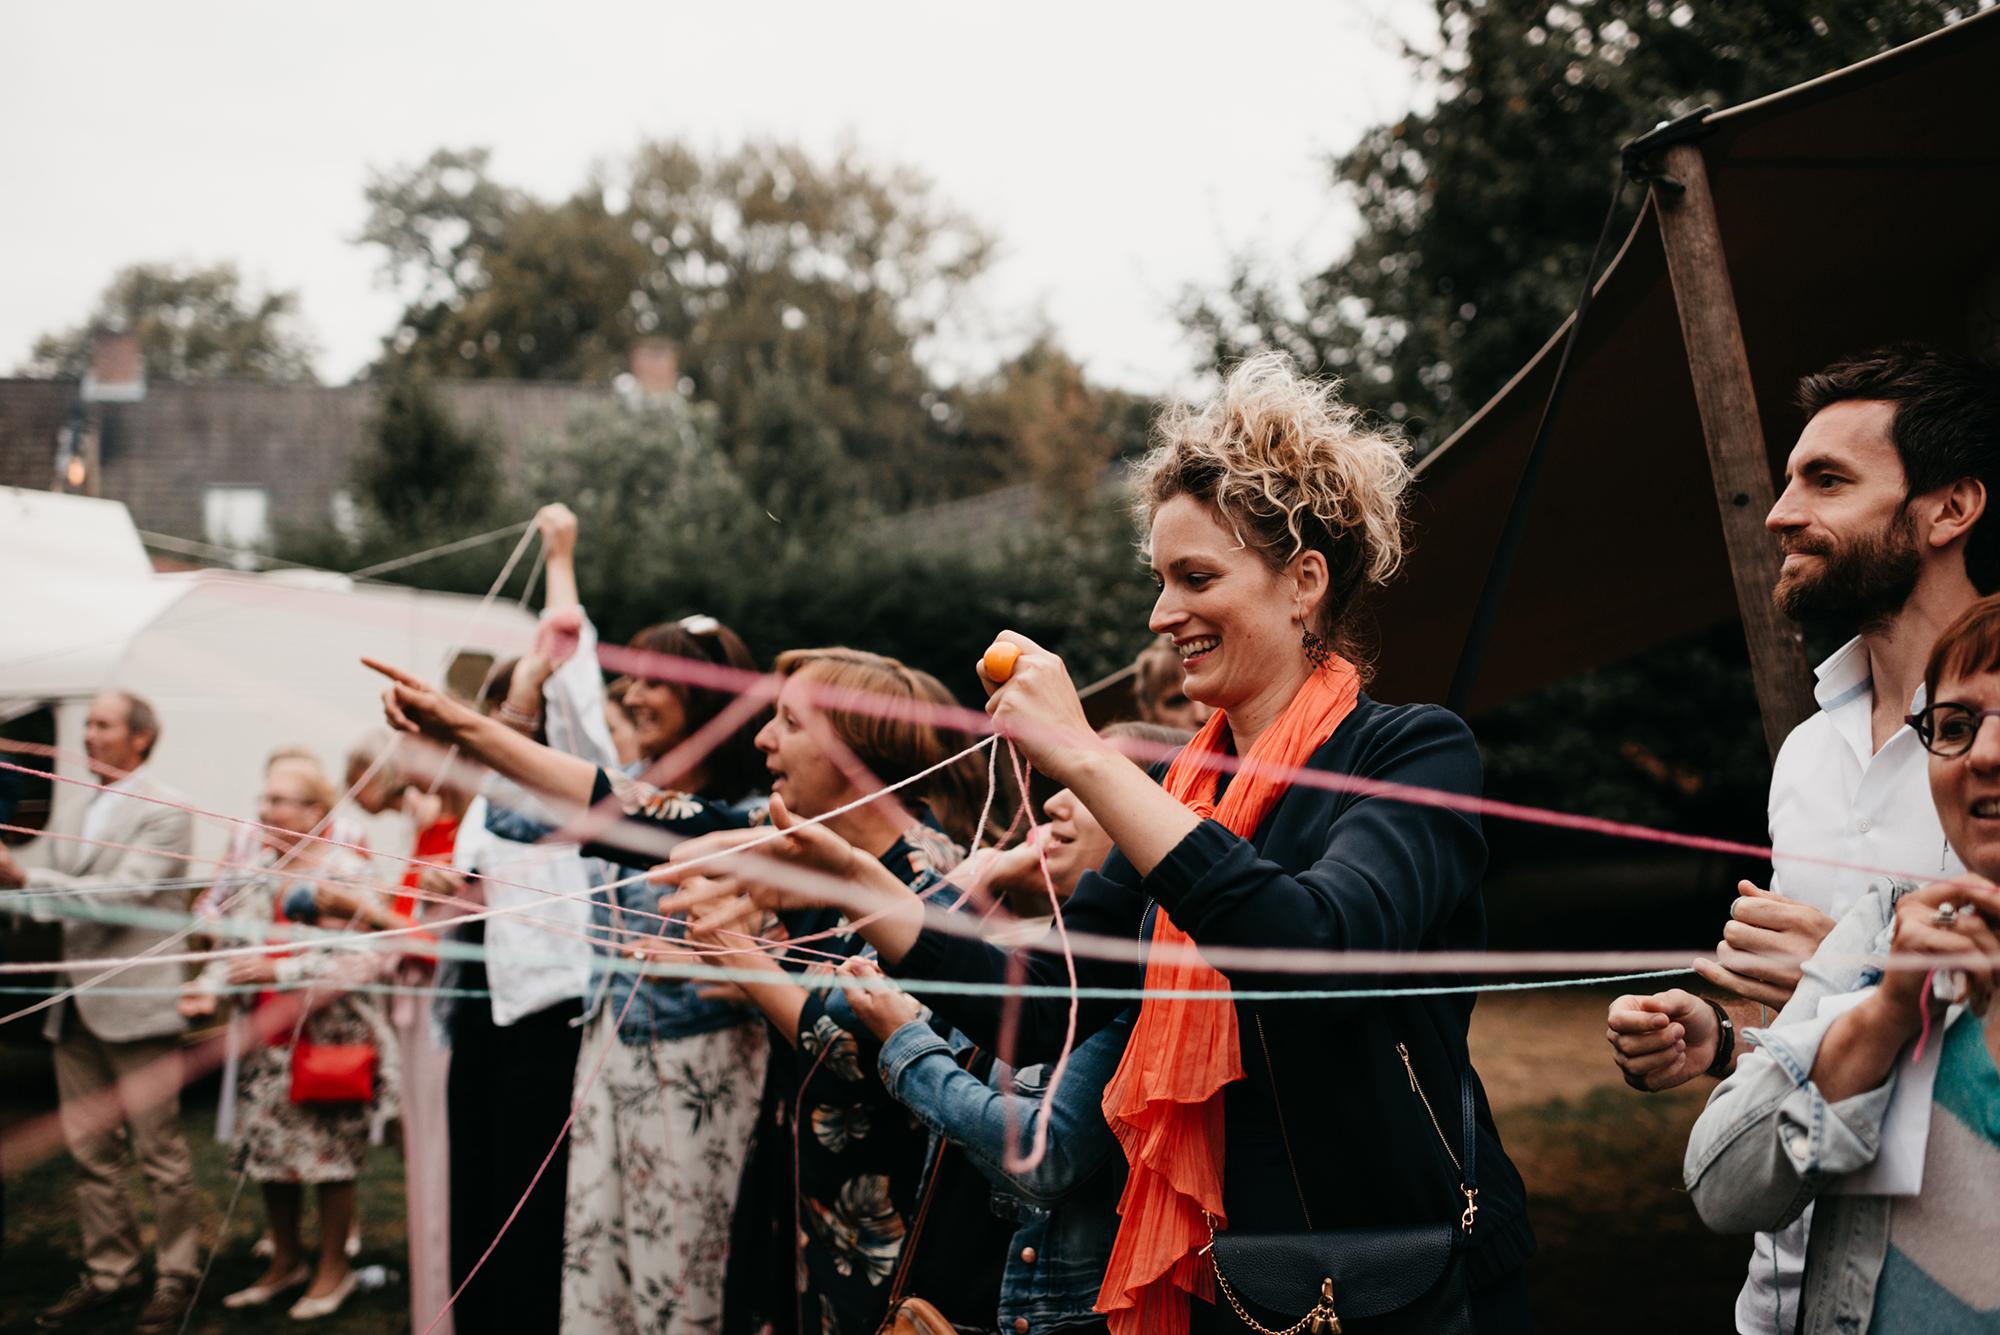 persoonlijke ceremonie interactief ritueel met gasten wolritueel plezierr